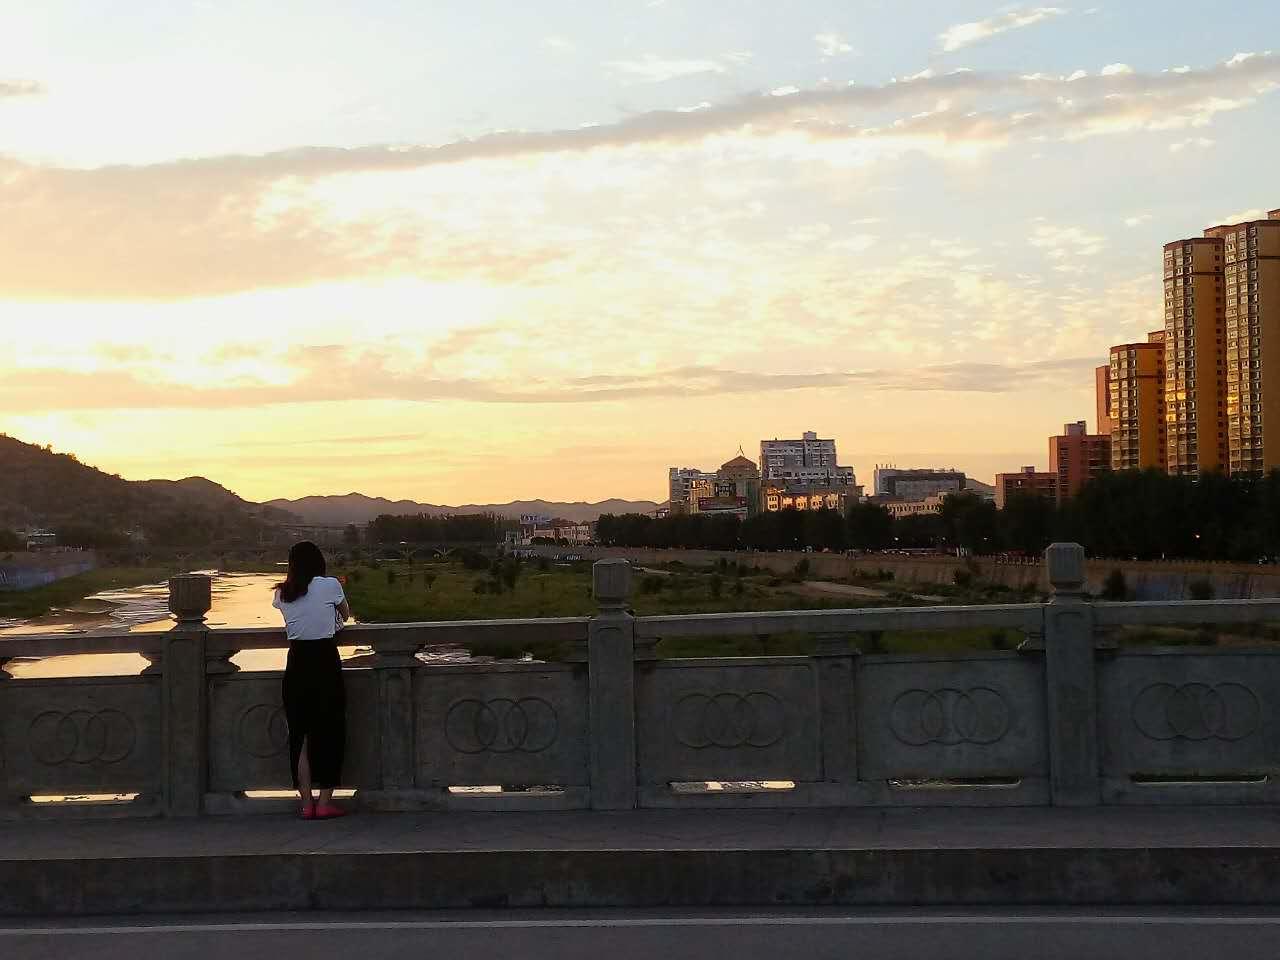 桥上看风景的女孩